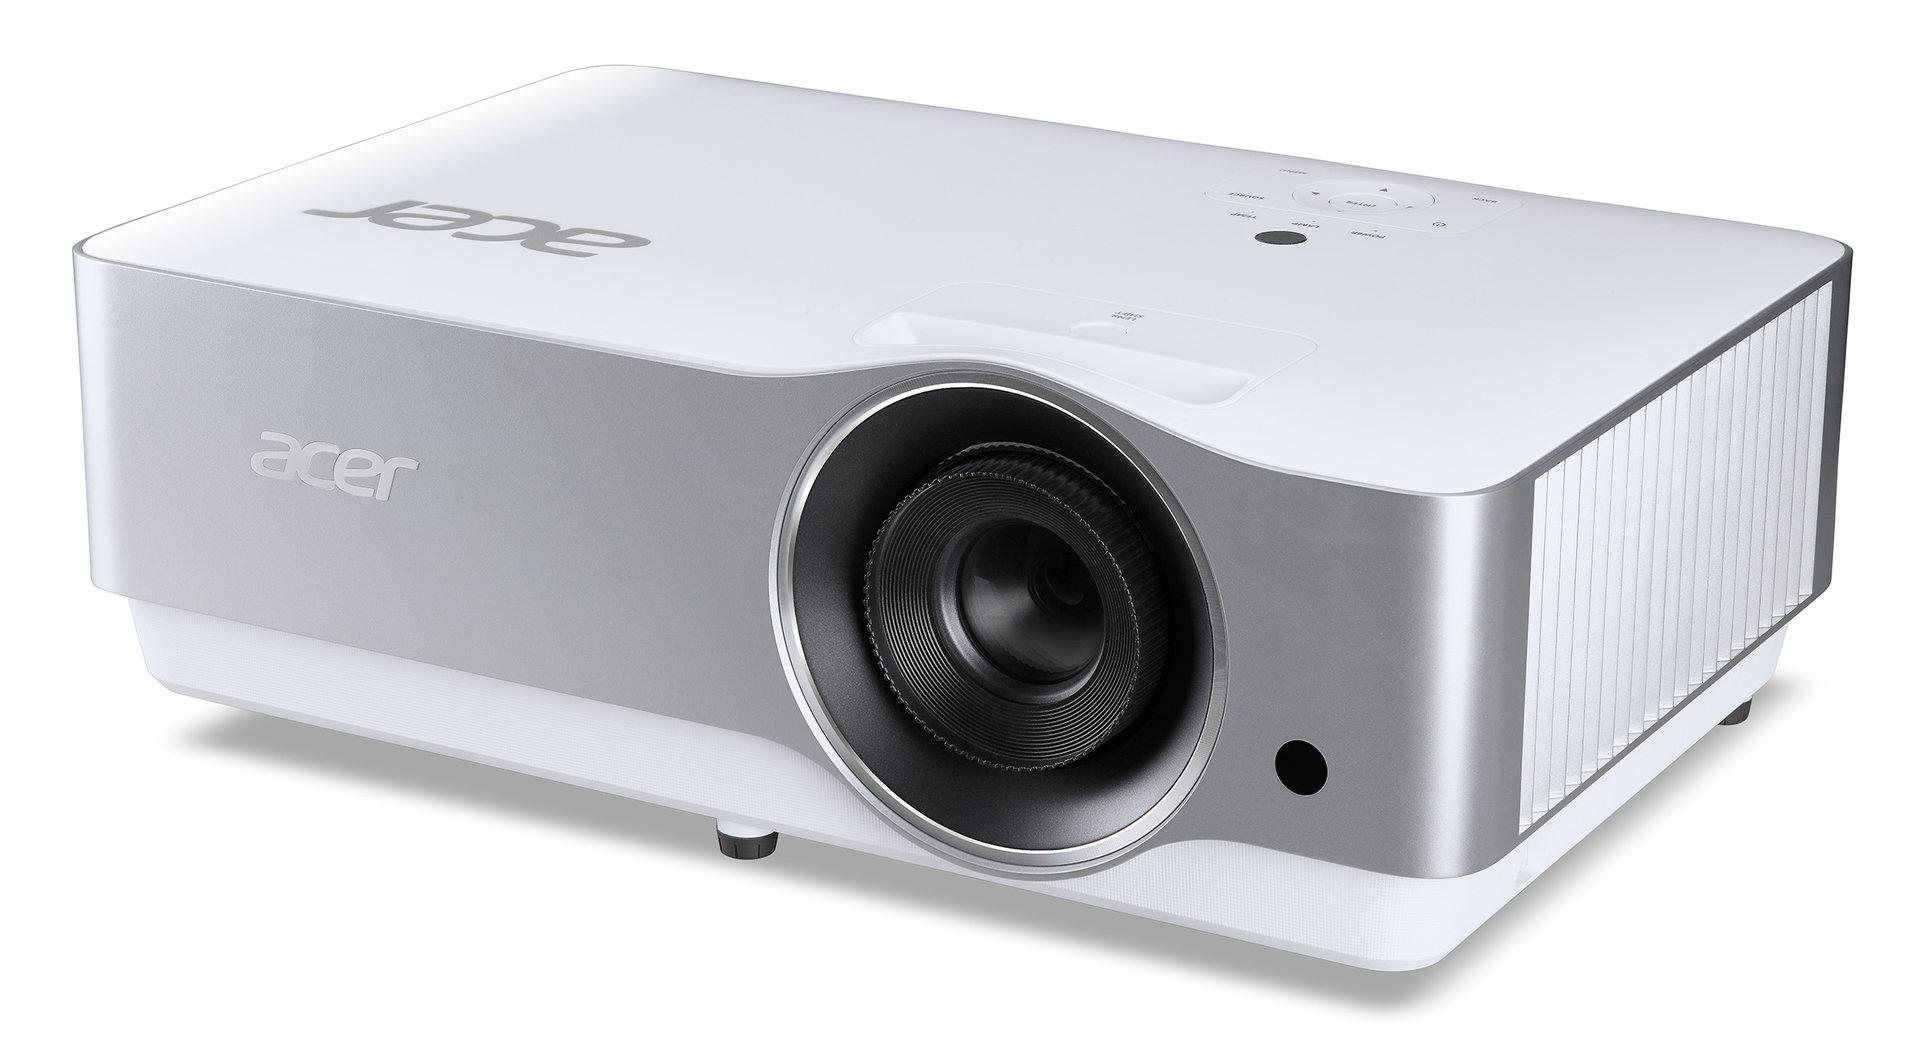 Acer przedstawia dwa nowe projektory: VL7860 do użytku domowego oraz P8800 dla profesjonalistów